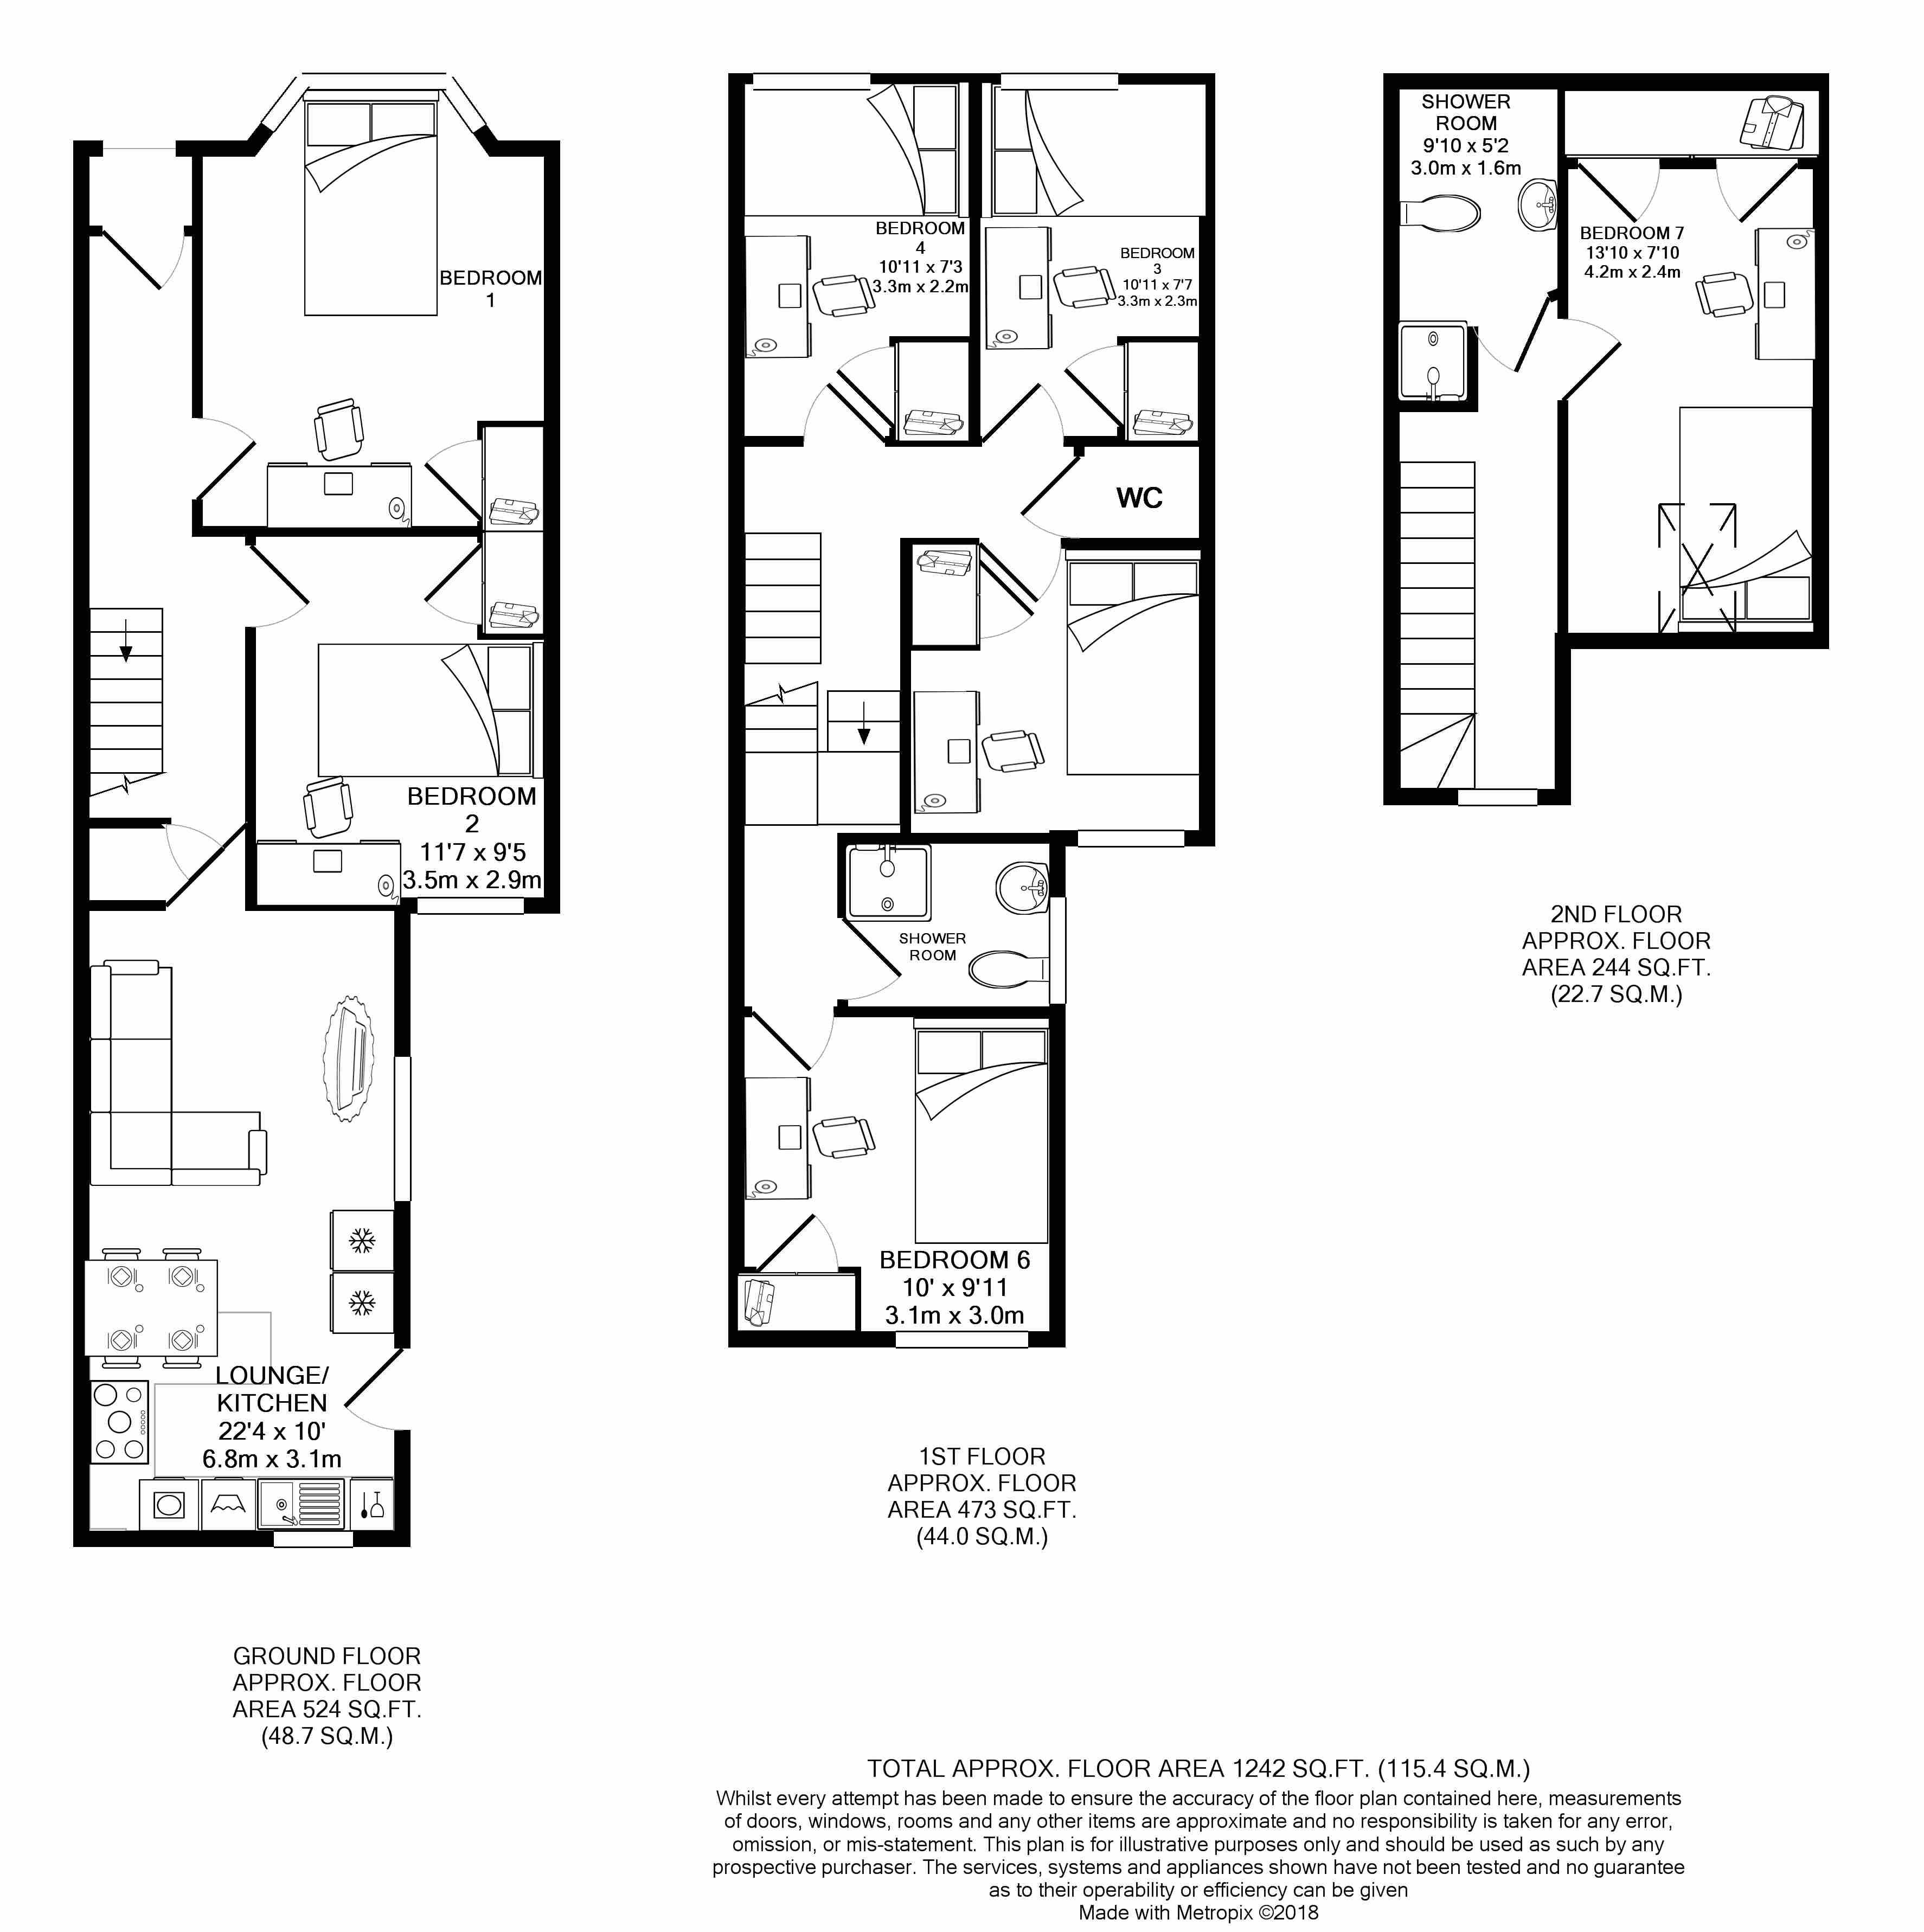 41 Glenroy Street -floorplans